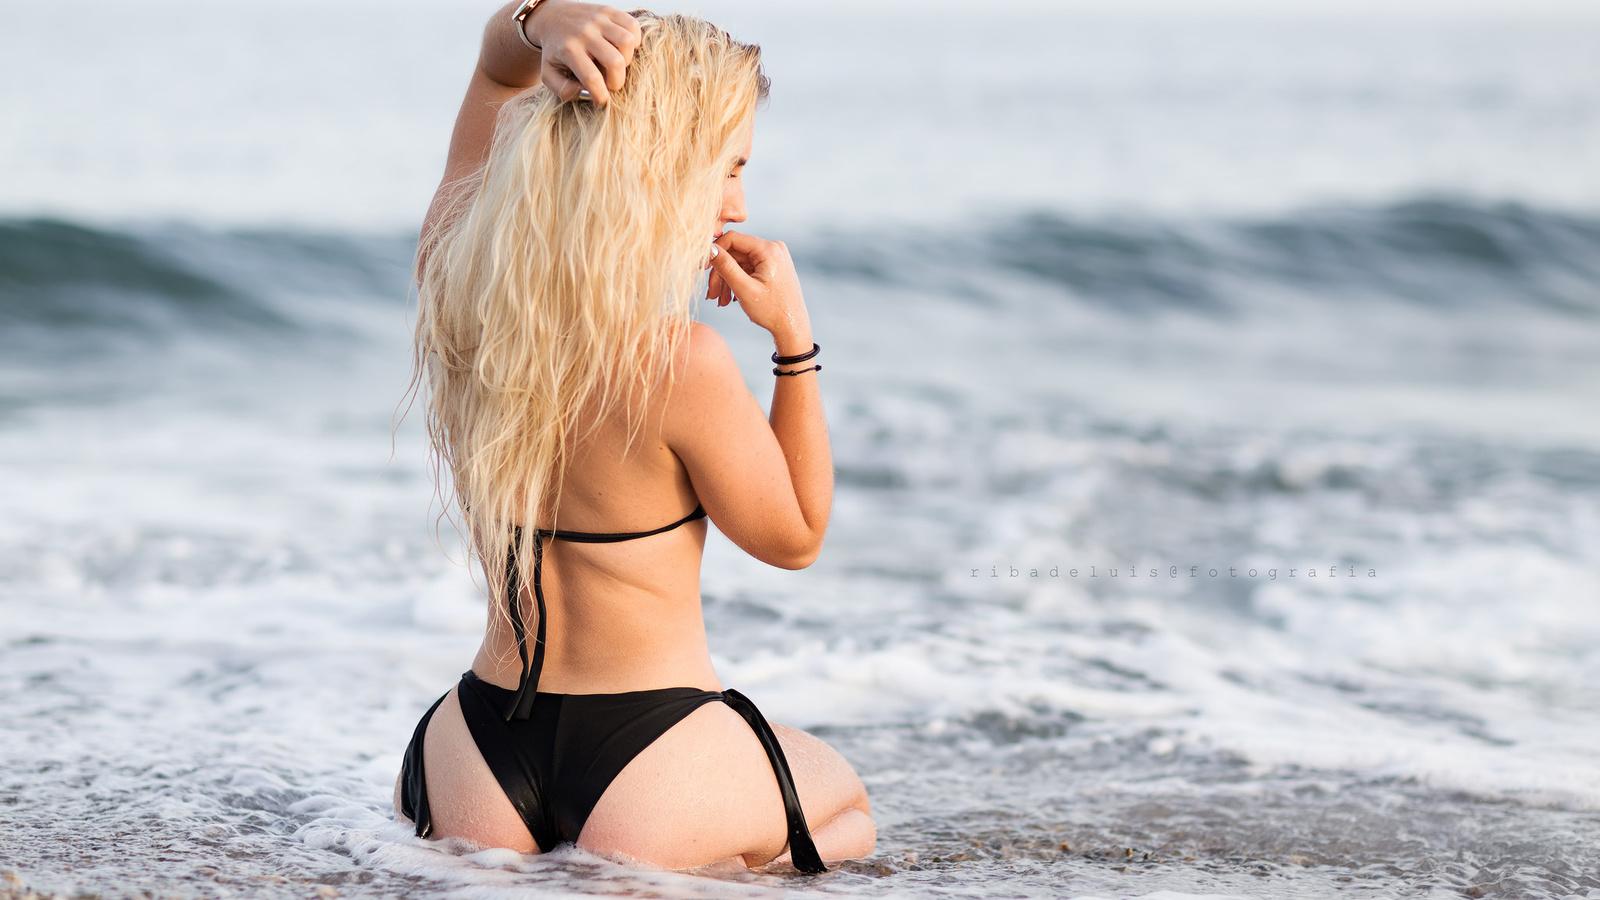 фото девушки блондинки в черном купальнике можно делать, только